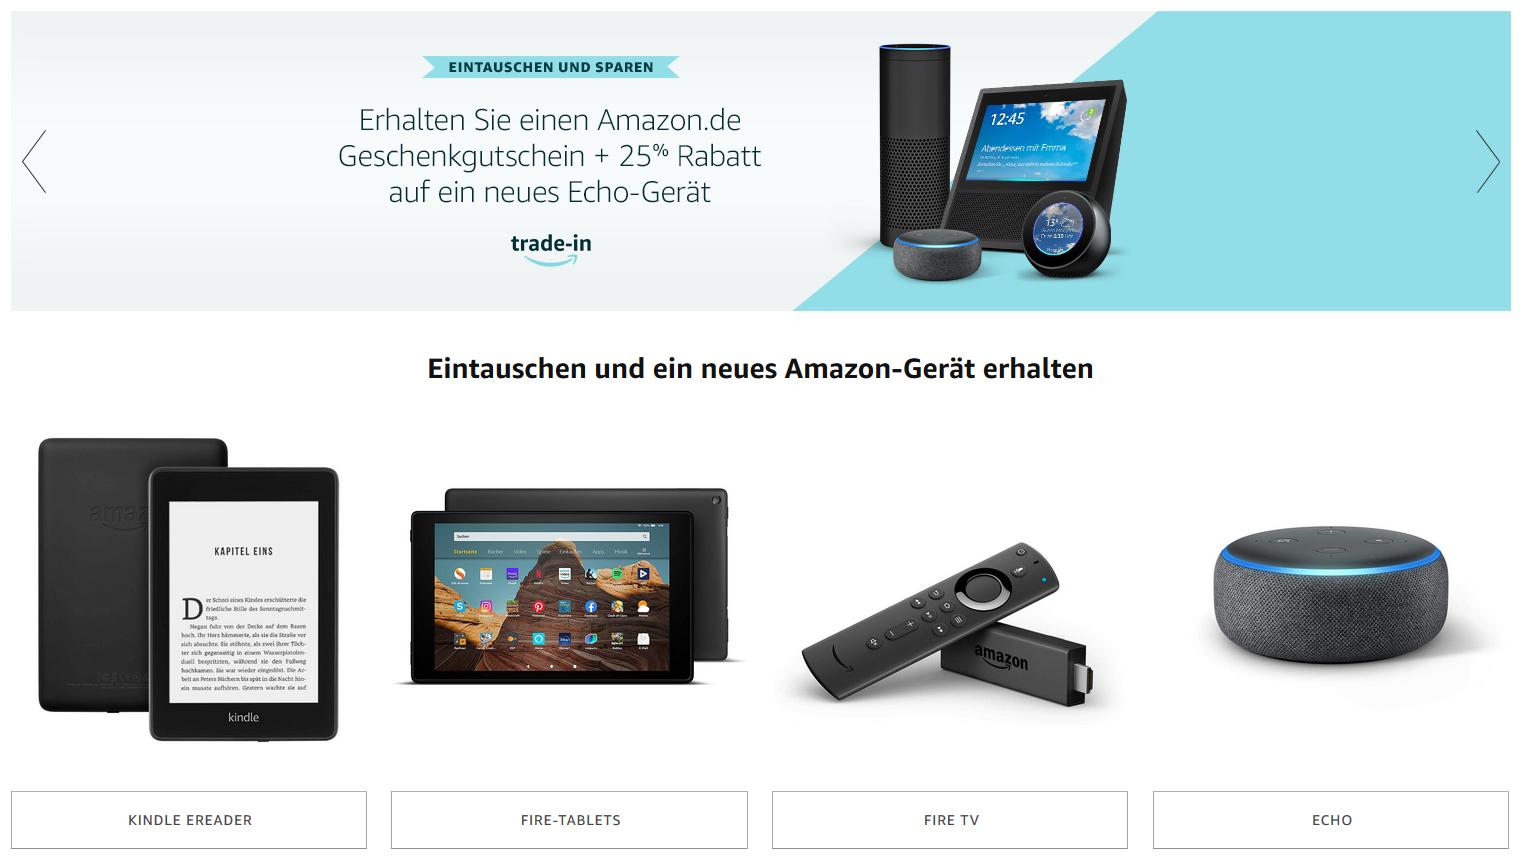 Trade-in: Alexa zurück schicken, Gutschein für Neukauf bekommen - Upgrades zum kleinen Preis! / Bild-Quelle: amazon.de